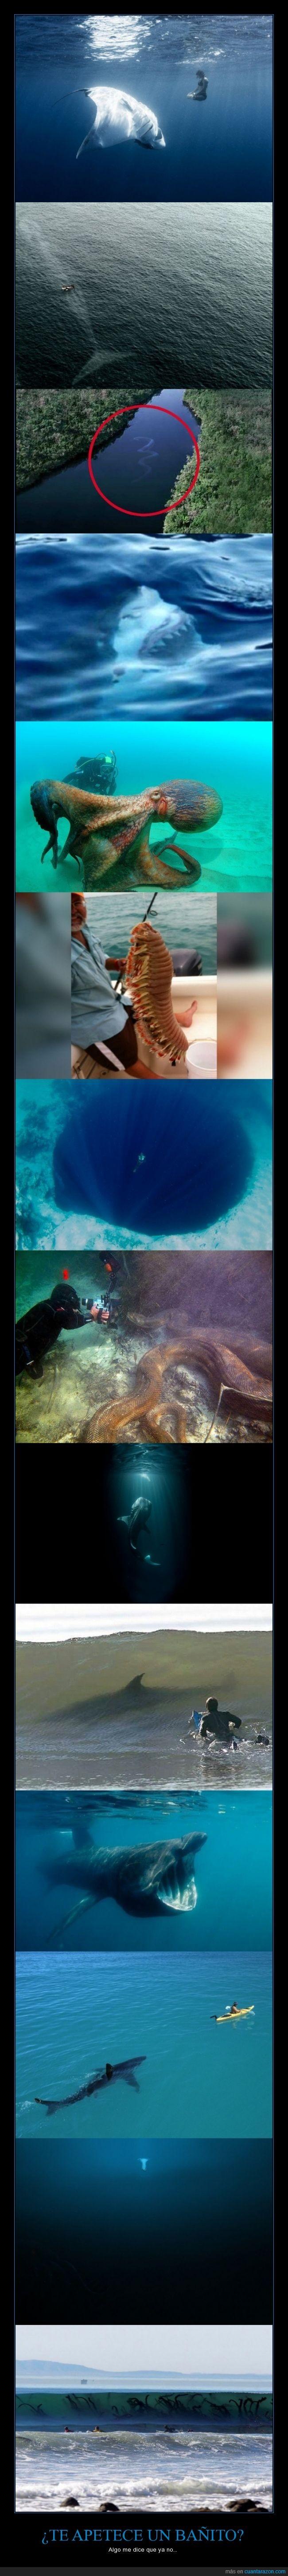 agua,alga,mar,nadar,oceano,pulpo,serpiente,surf,tiburon